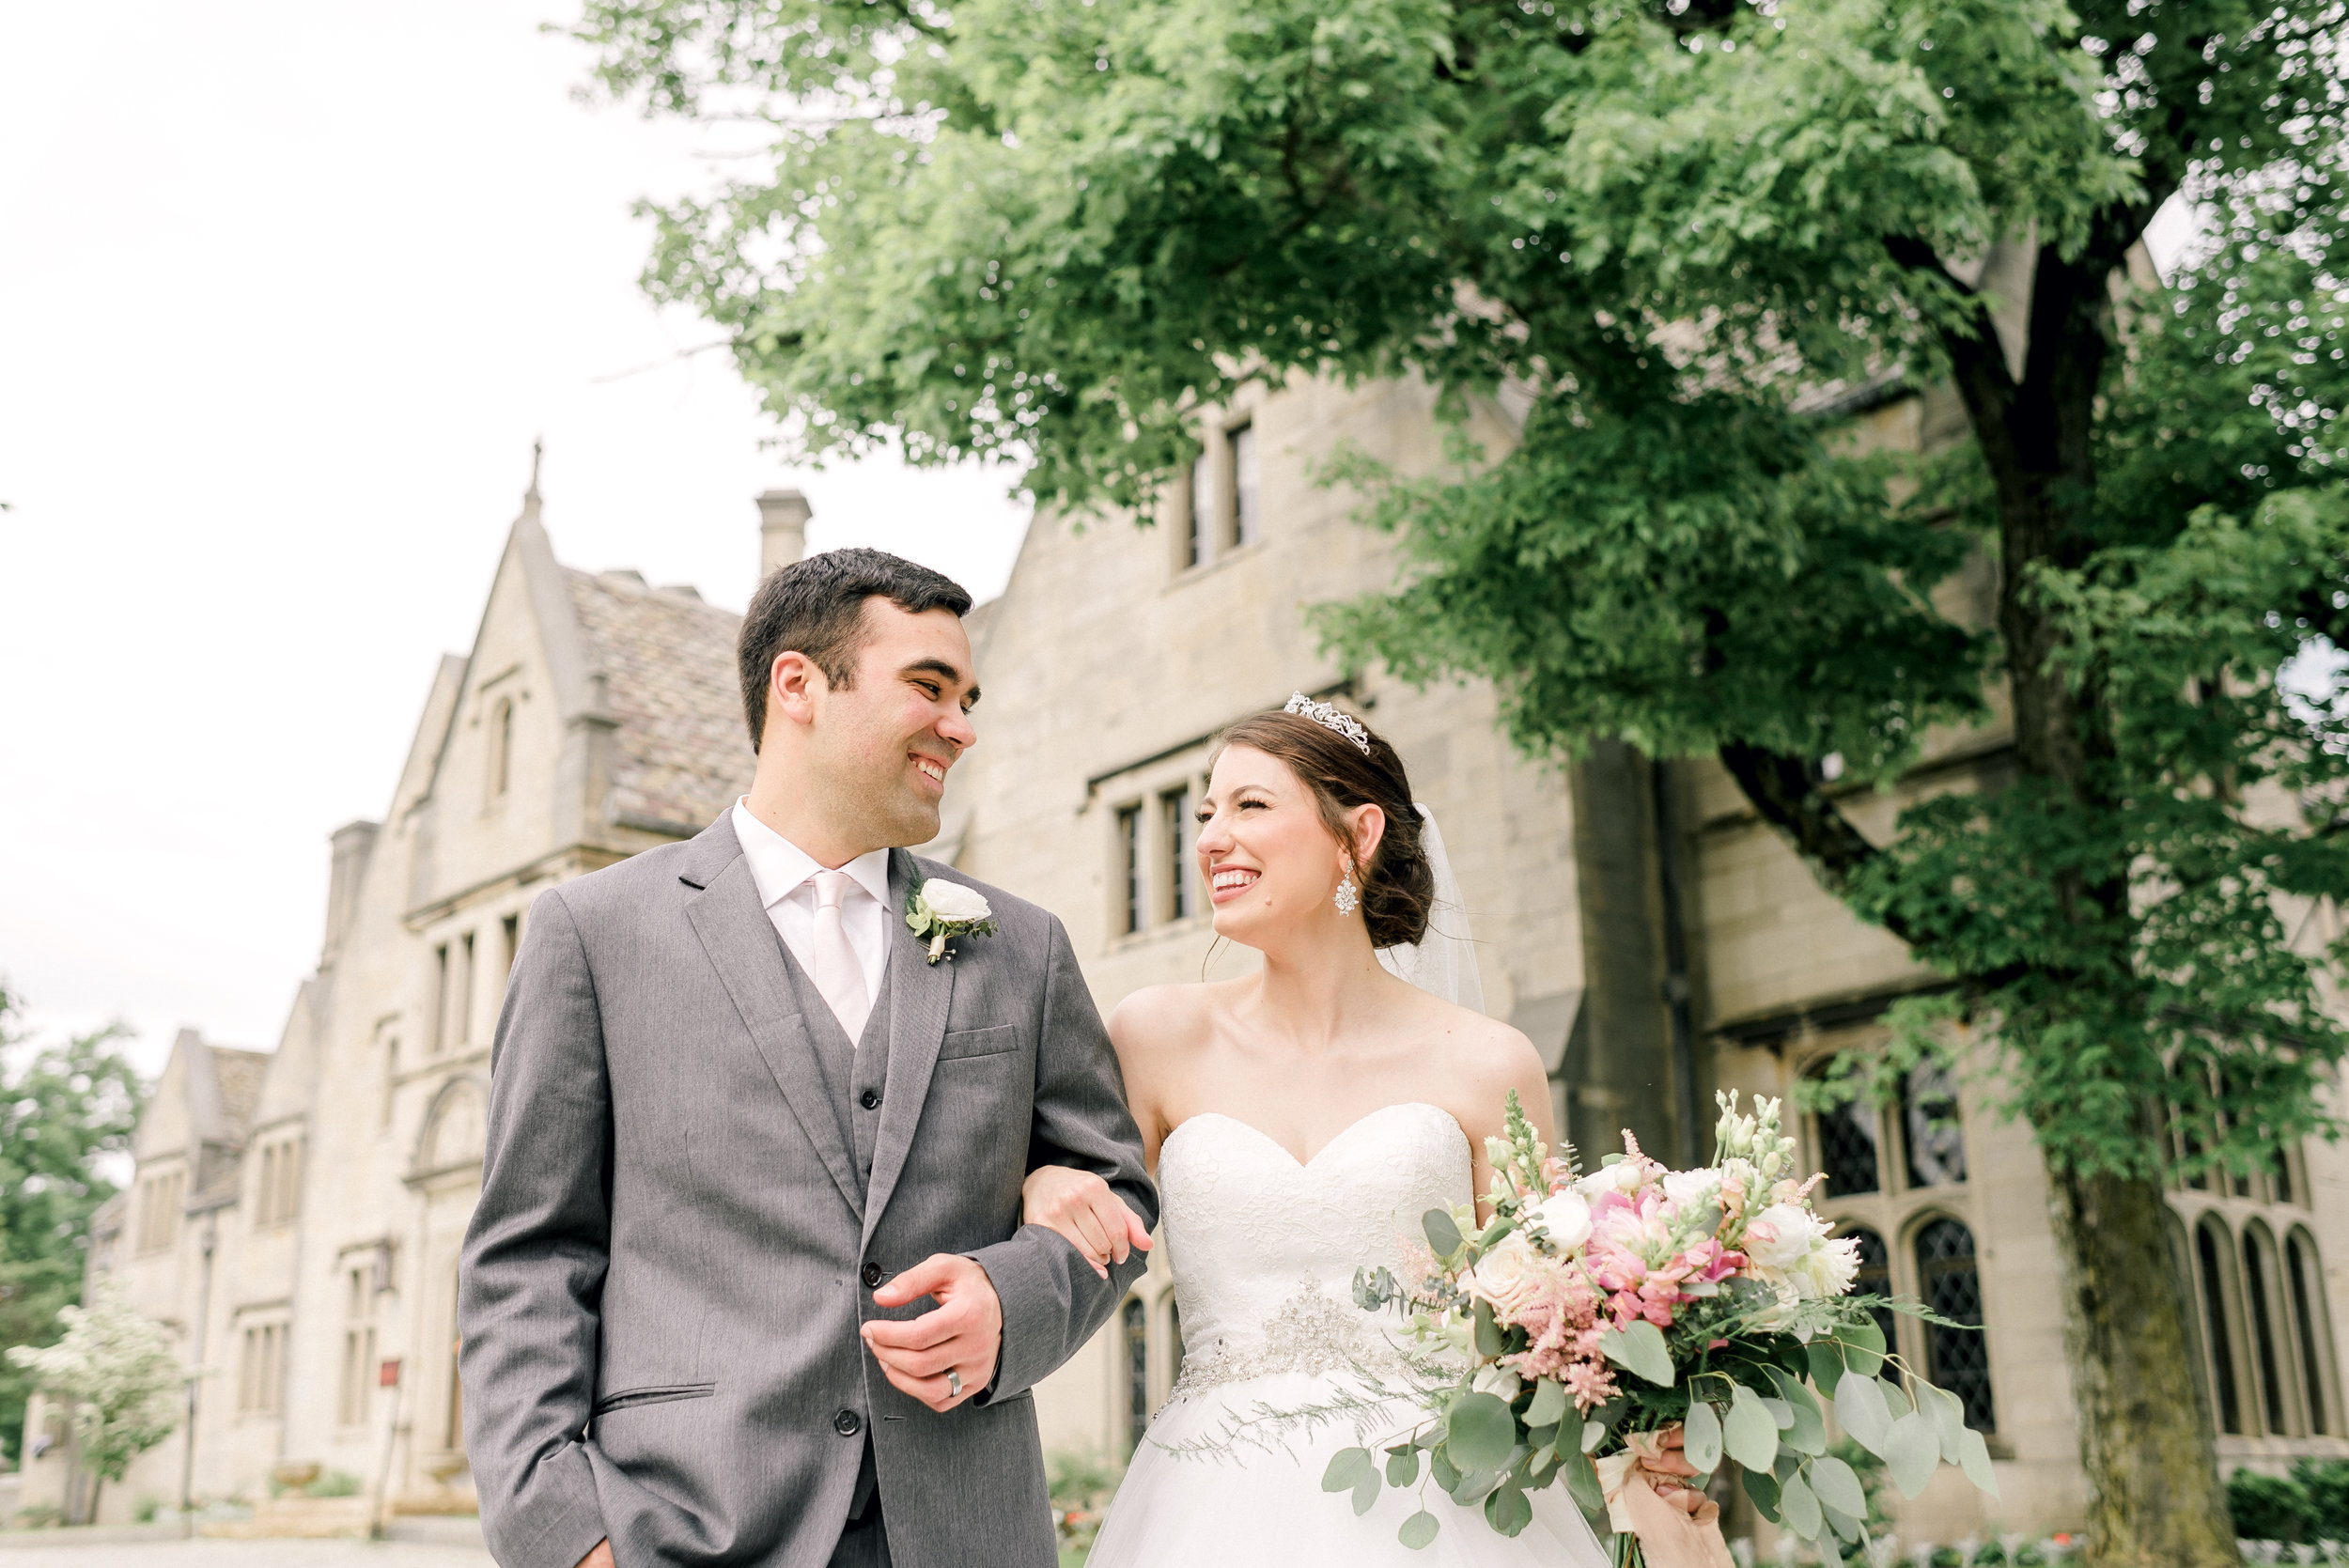 pittsburgh-wedding-photographer-hartwood-acres-0033.jpg